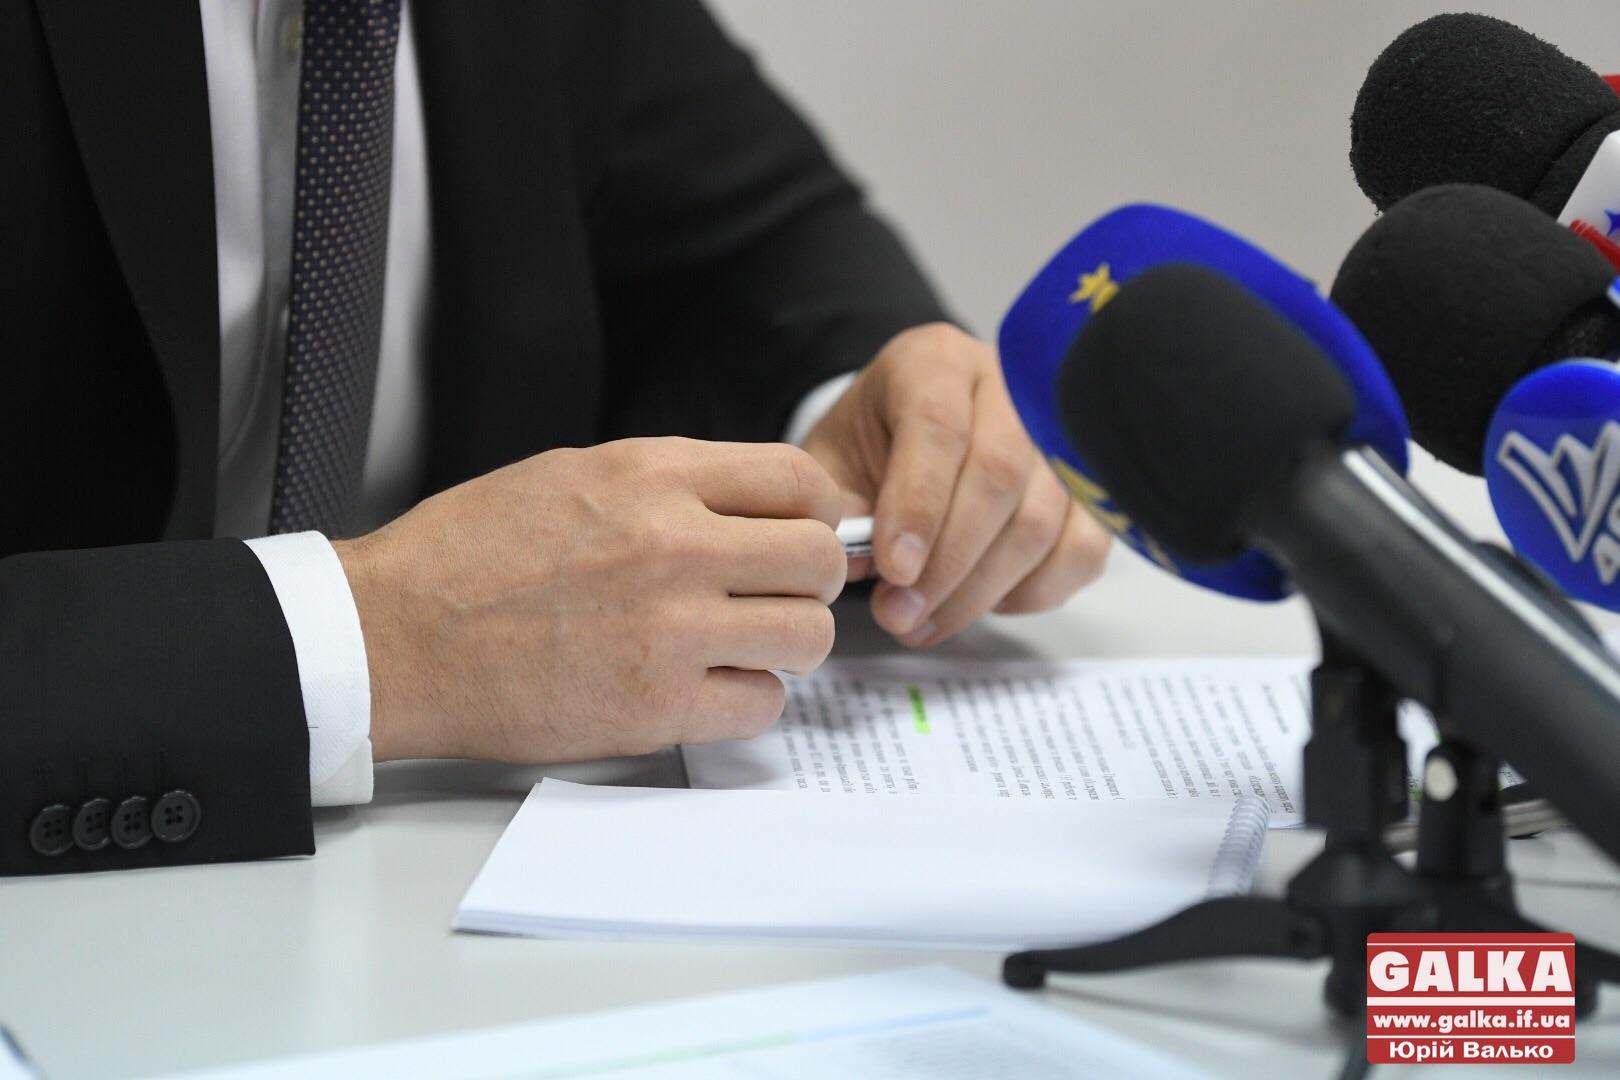 Імена нових очільників райдержадміністрацій стануть відомі протягом тижня, – Шмигаль